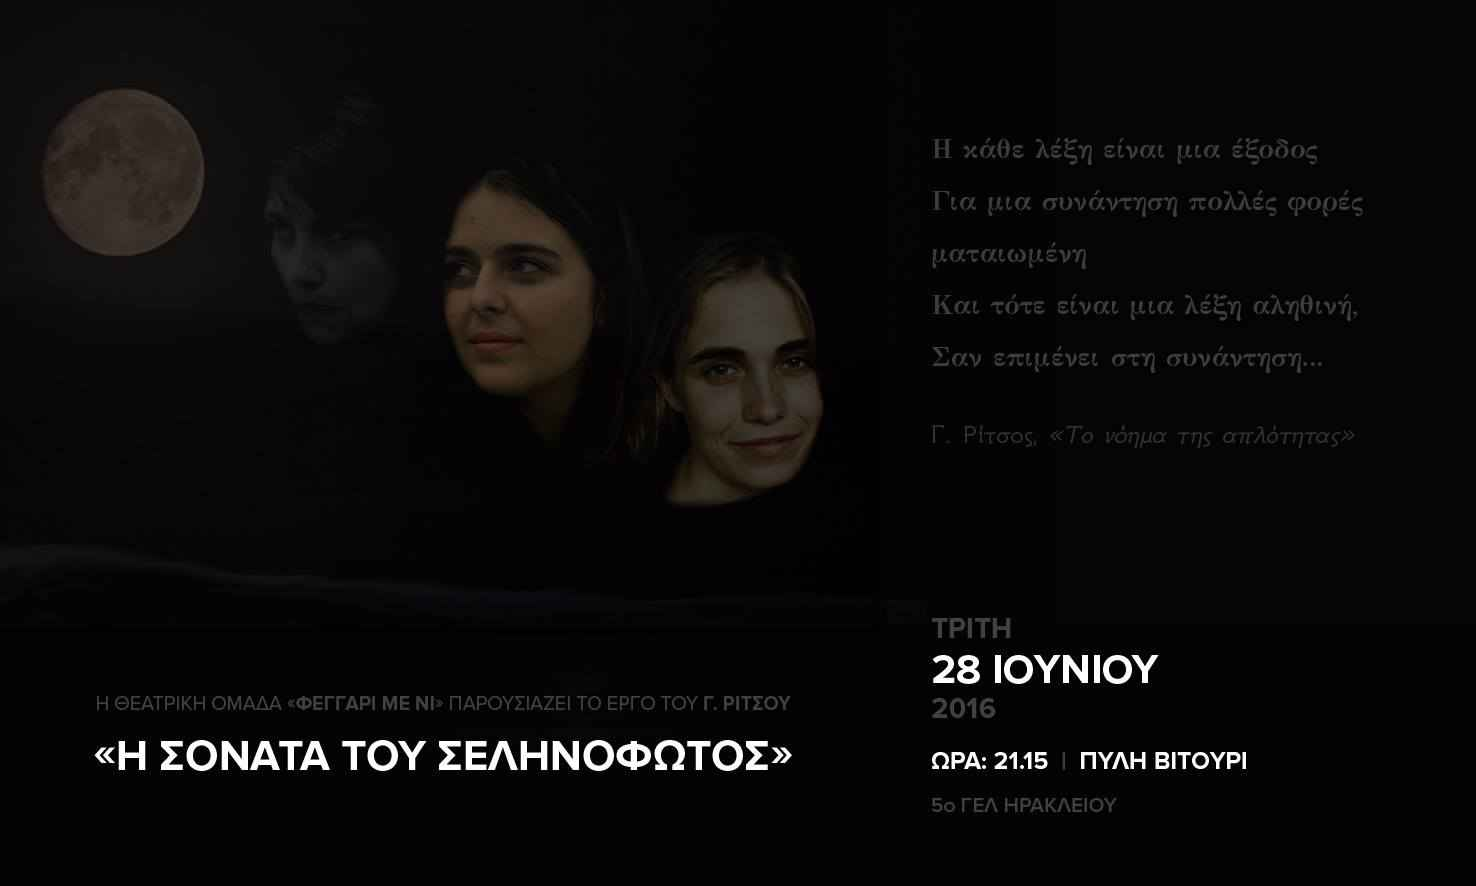 """Θεατρική παράσταση 5ου ΓΕΛ Ηρακλείου: """"Η Σονάτα του Σεληνόφωτος"""" του Γ. Ρίτσου"""